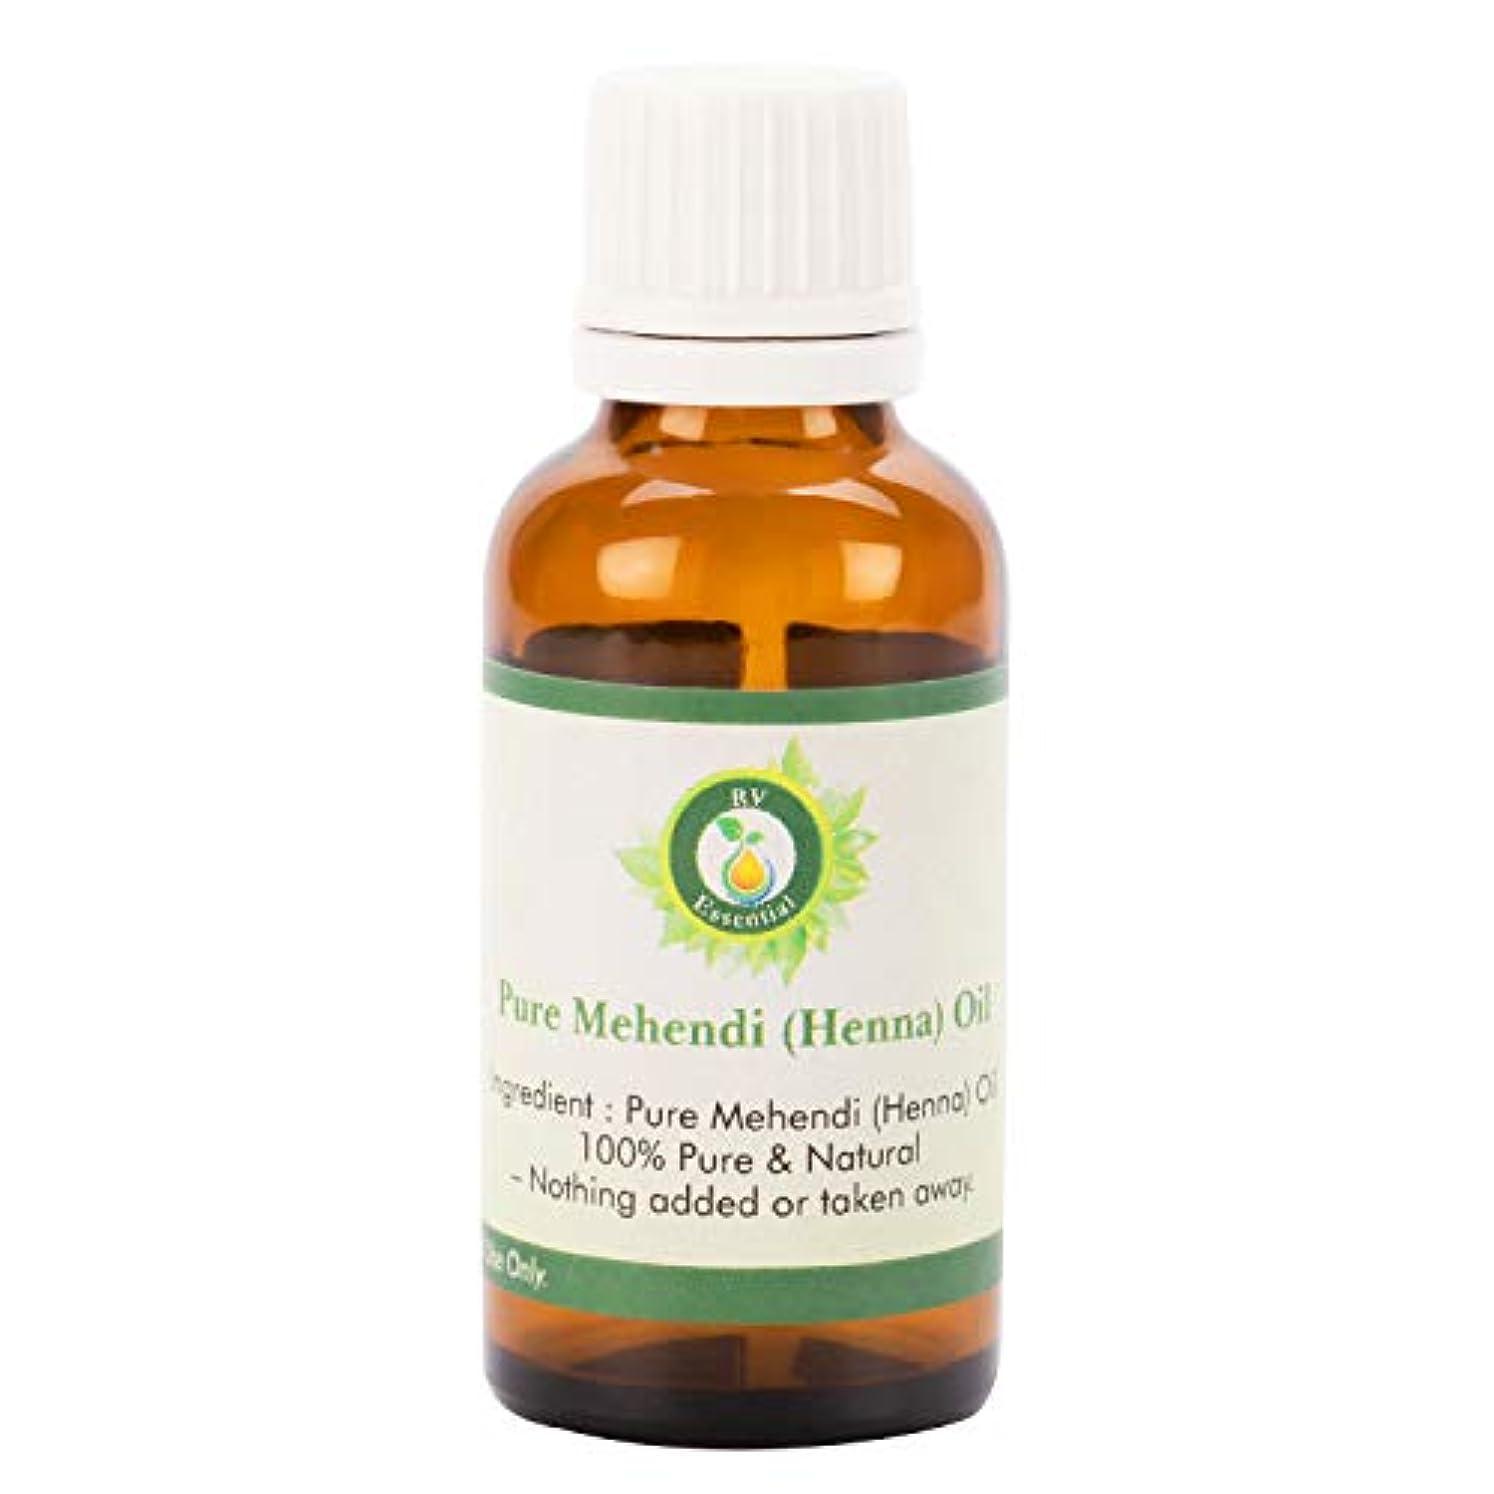 アーサーコナンドイルずるい真空ピュアMehendi(ヘナ)オイル100ml (3.38oz)- (100%純粋でナチュラル) Pure Mehendi (Henna) Oil